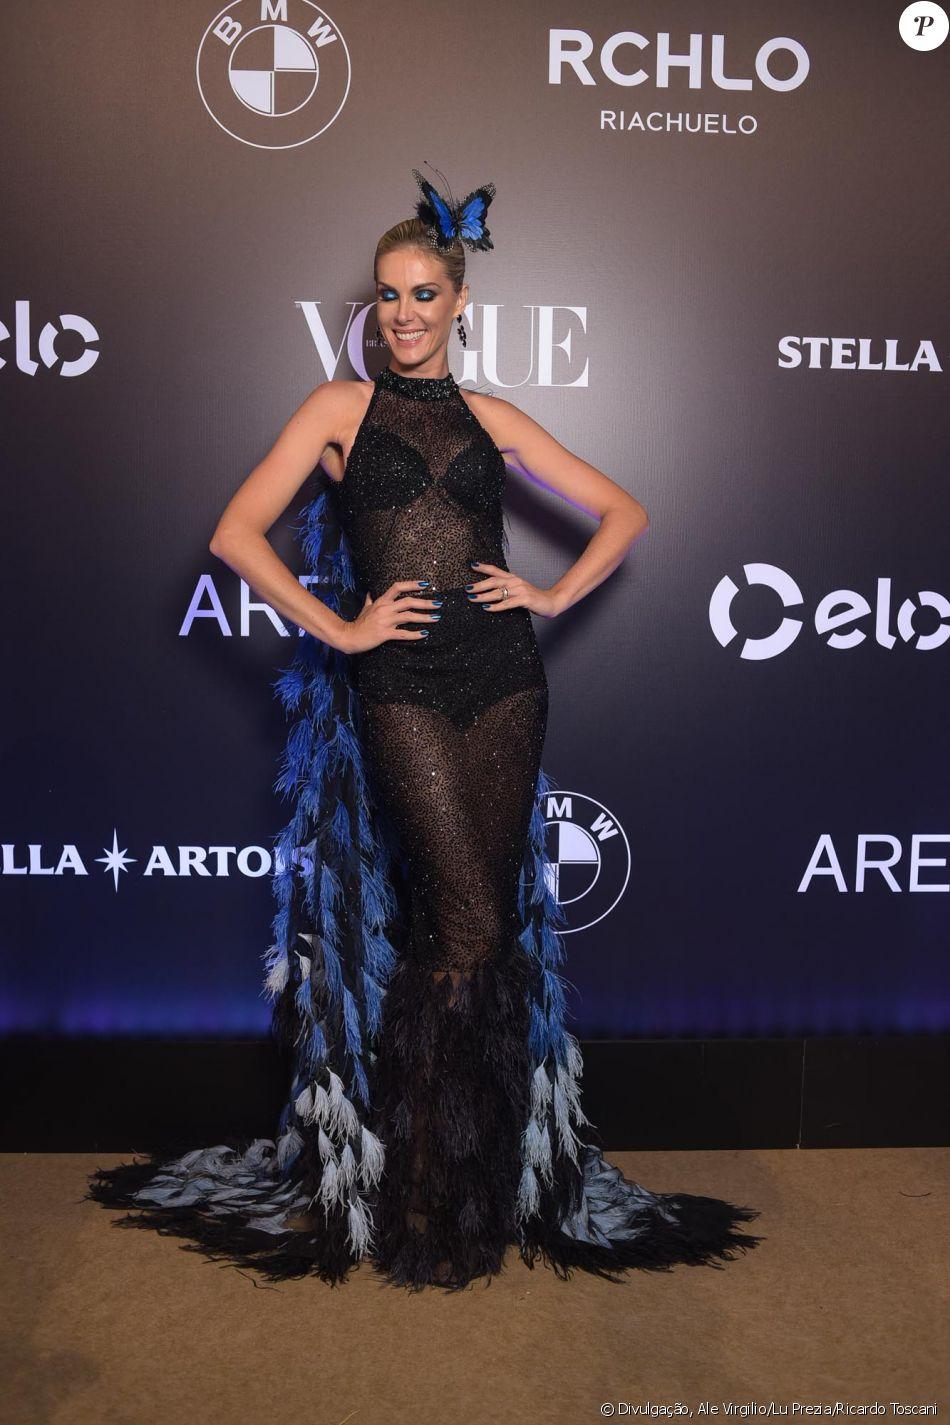 Ana Hickmann de Letícia Manzan no Baile da Vogue, realizado no Hotel  Unique, em São Paulo, na noite desta quinta-feira, 1º de fevereiro de 2018 8d2b7f335f